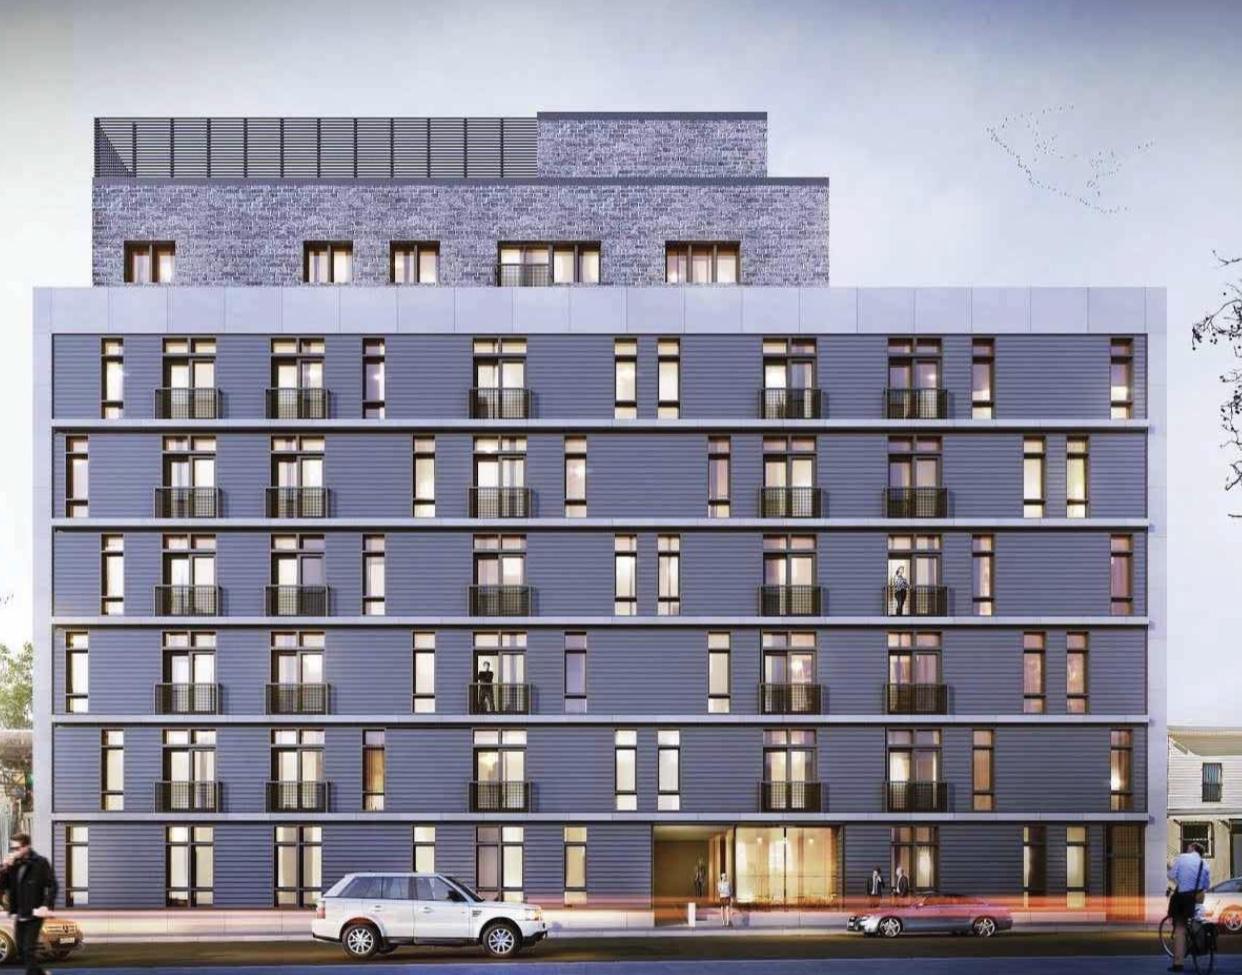 Rendering of 1663 East New York Ave - Frank J. Quatela Architect